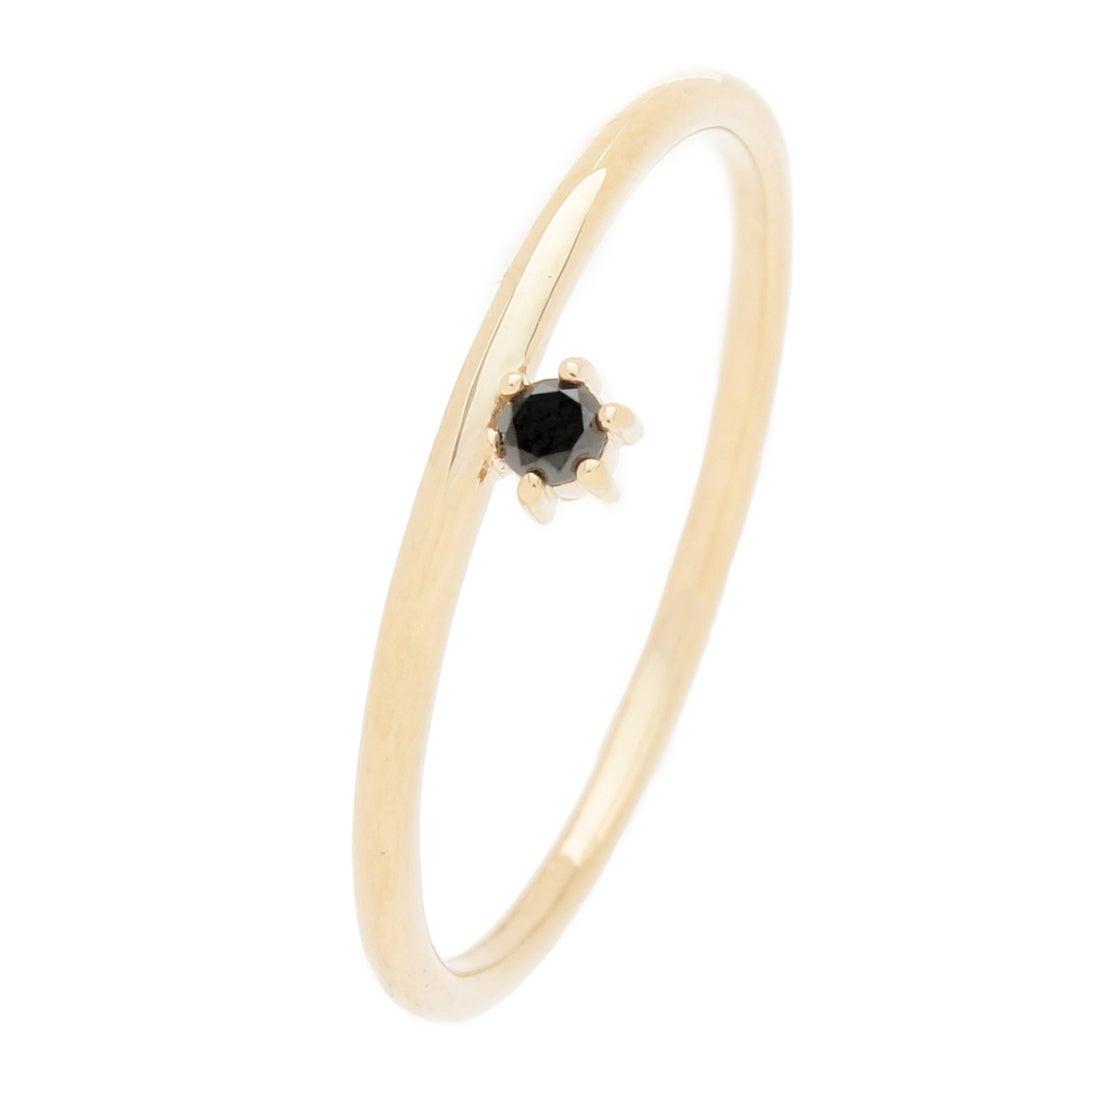 ココシュニック COCOSHNIK ブラックダイヤモンド 爪留1石リング (イエローゴールド)